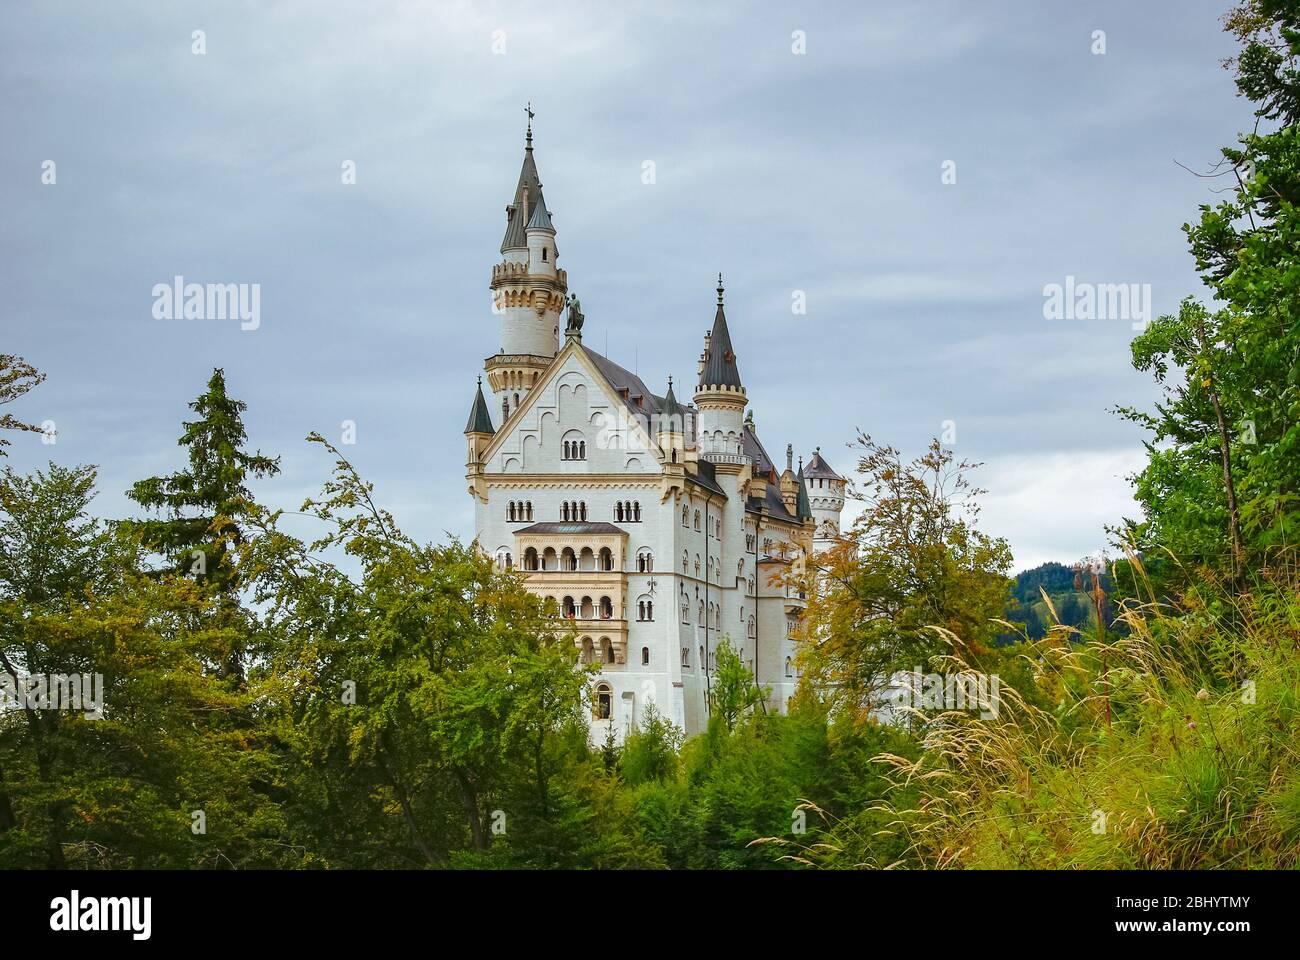 Herbst Schloss Neuschwanstein, in Hohenschwangau bei Füssen, Bayern, Deutschland. Stockfoto